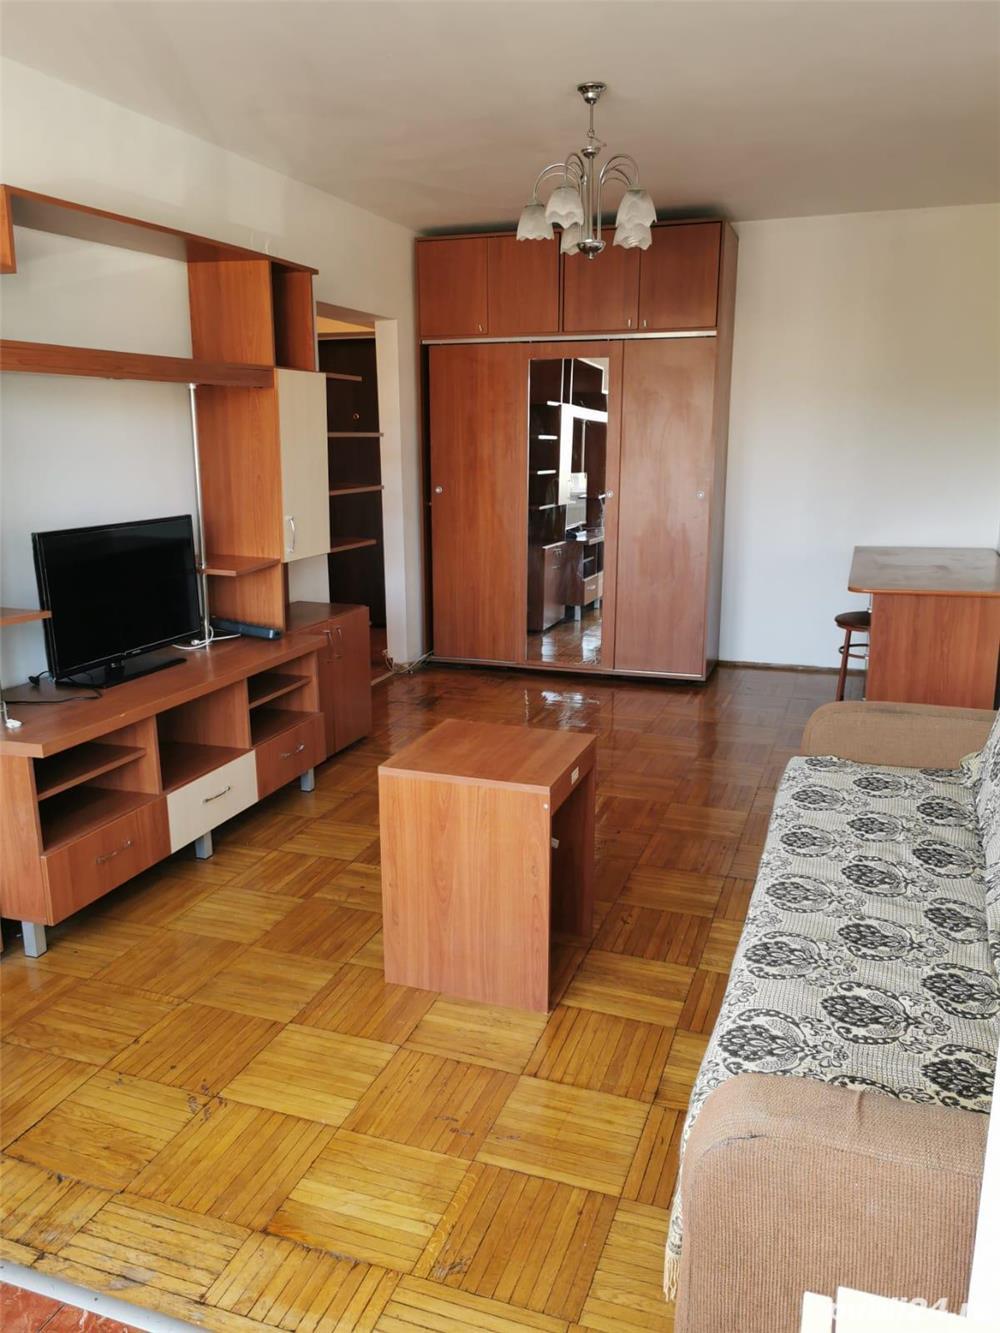 Închiriez apartament cu 2 camere zona Crângași, proprietar